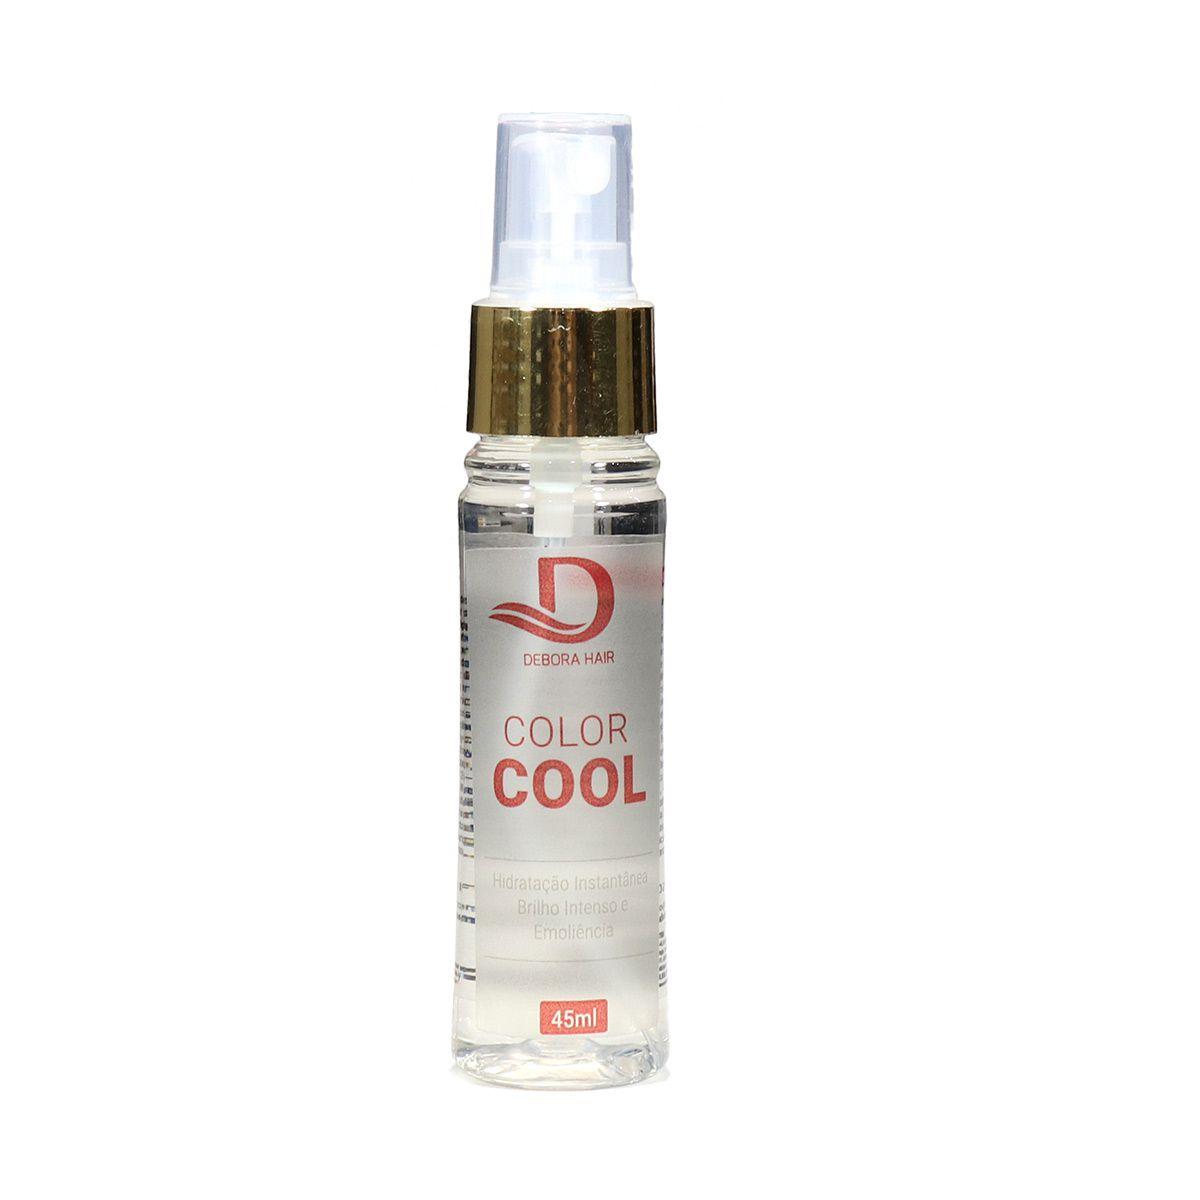 Color Cool Debora Hair - Hidratação Instantânea  - DEBORA HAIR